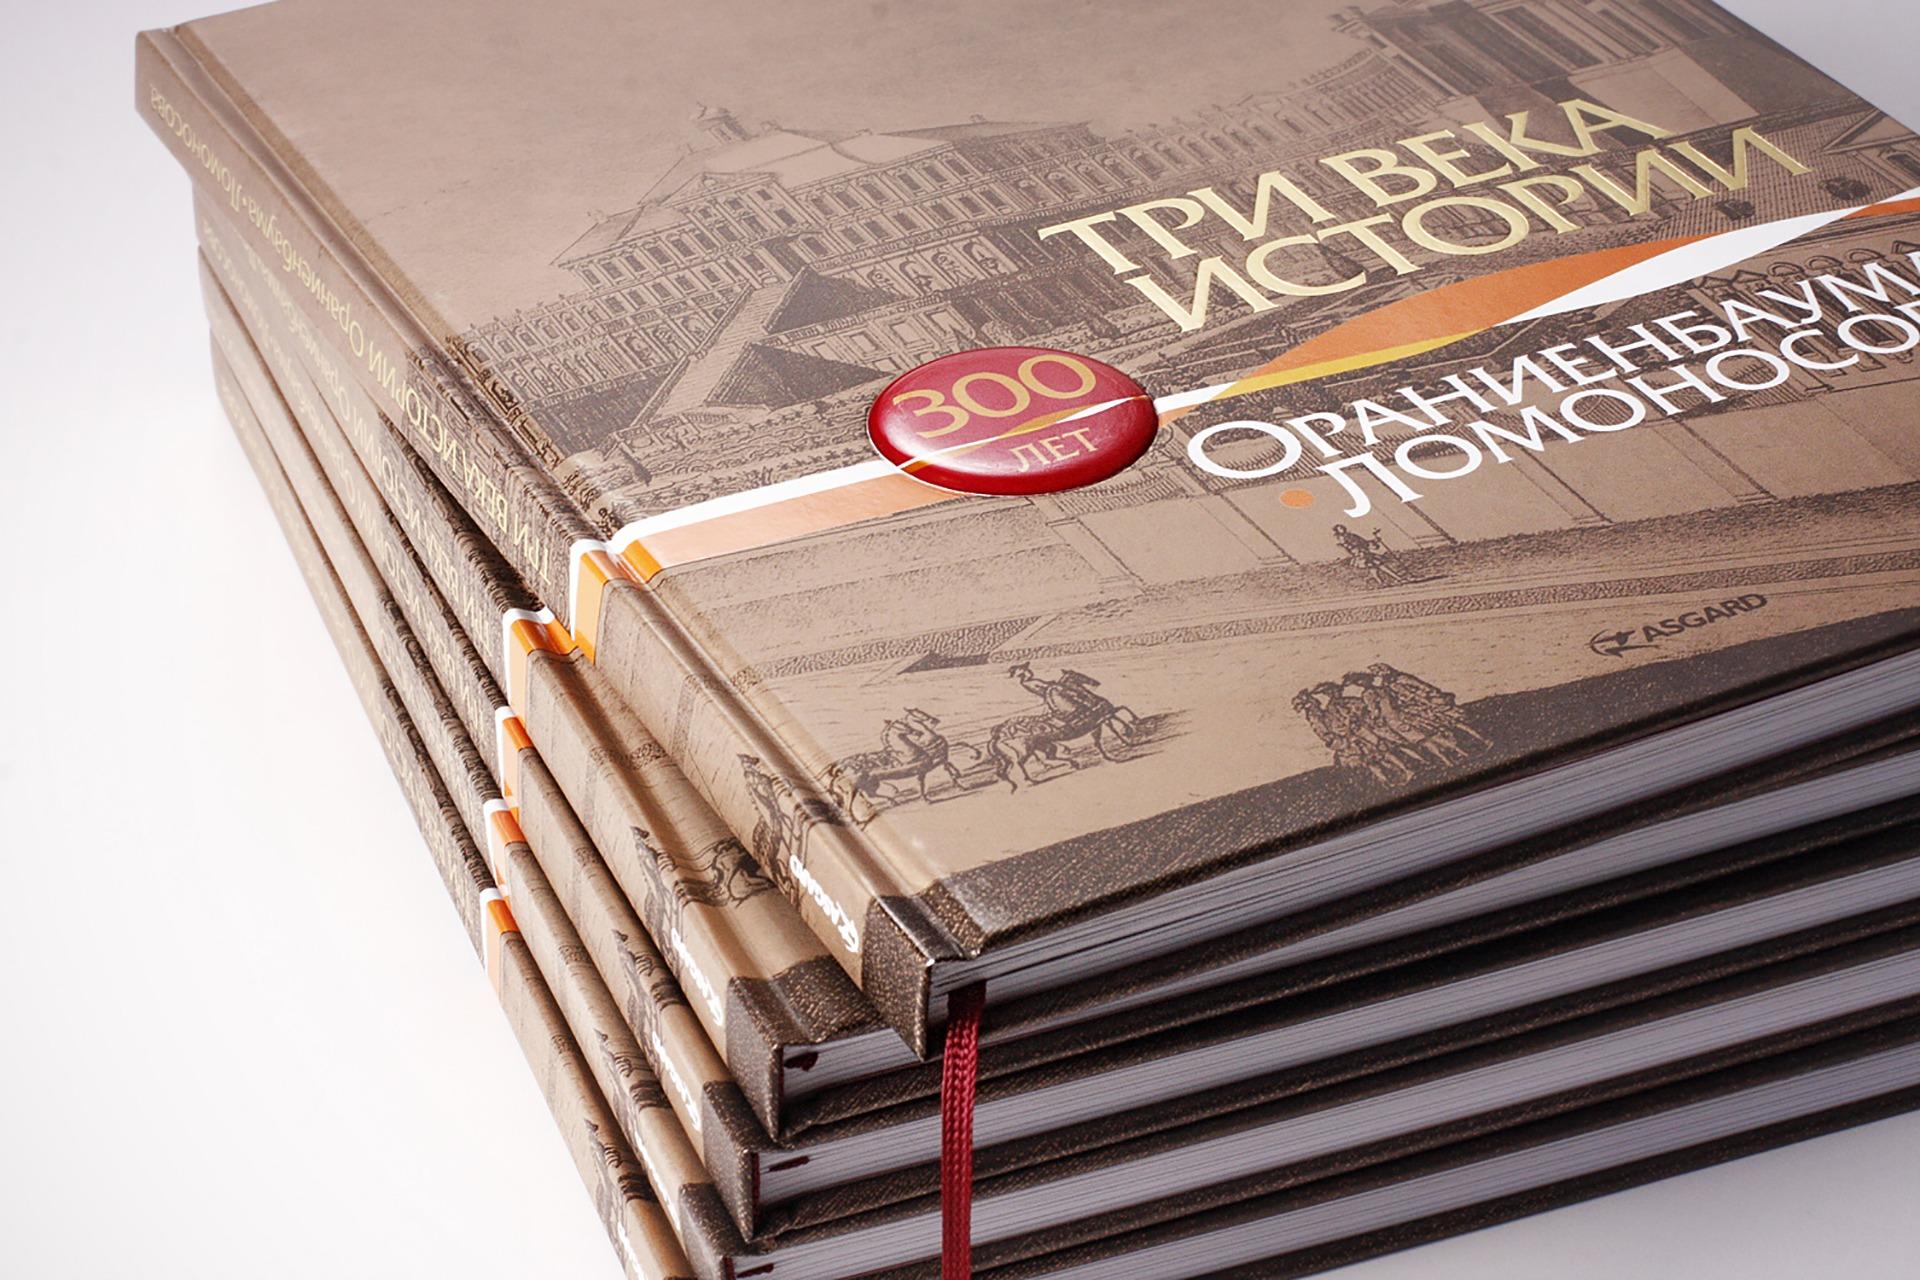 Ораниенбаум-Ломоносов, юбилейное издание, дизайн изданий, дизайн подарочных книг, Asgard